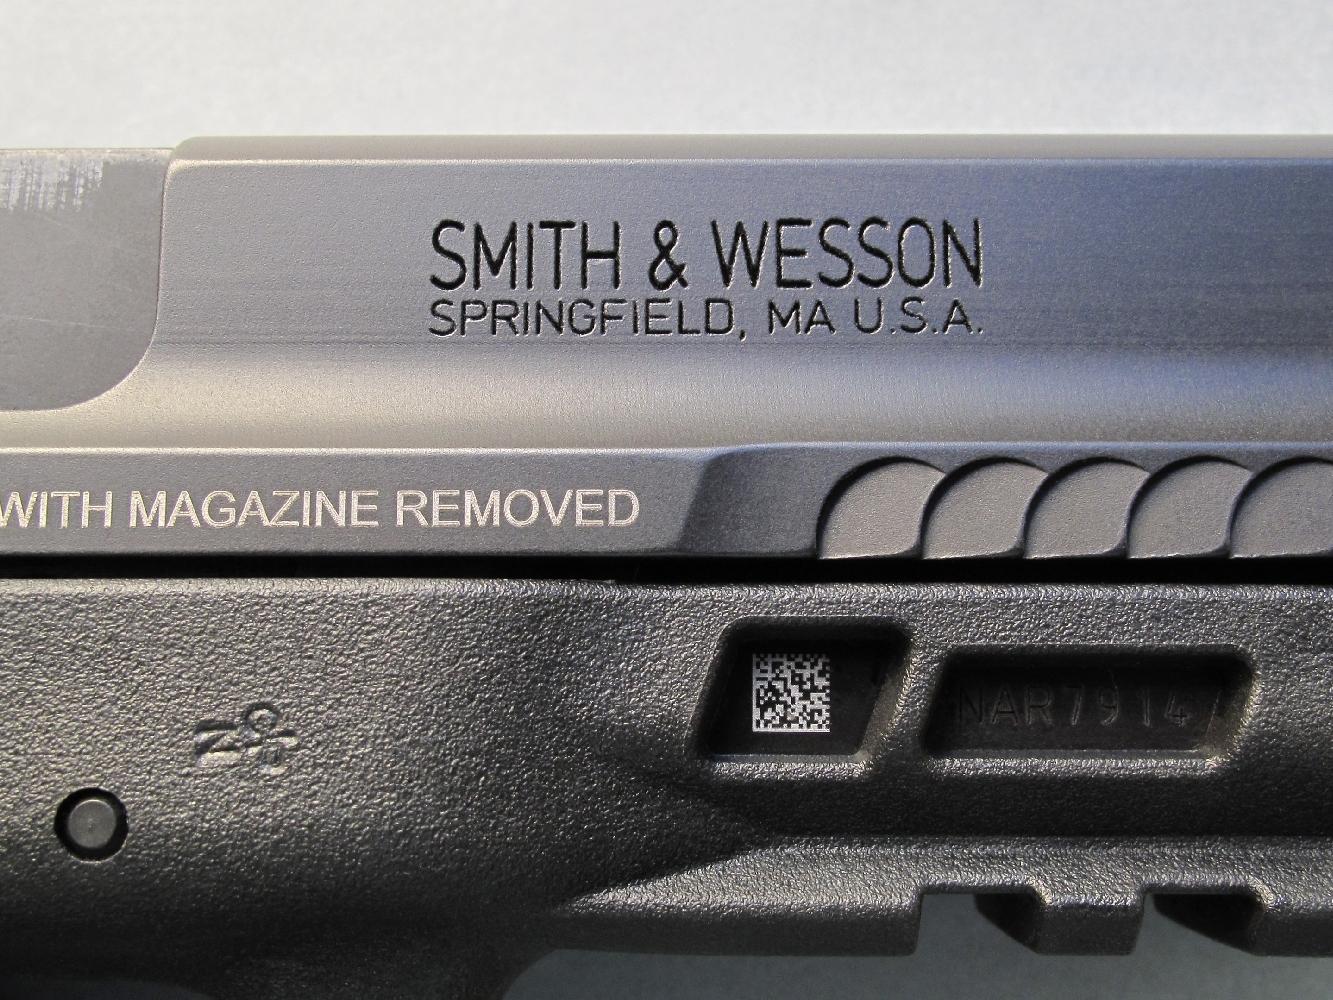 Le nom et l'adresse du fabricant sont profondément gravés sur le flanc droit de la culasse à glissière.